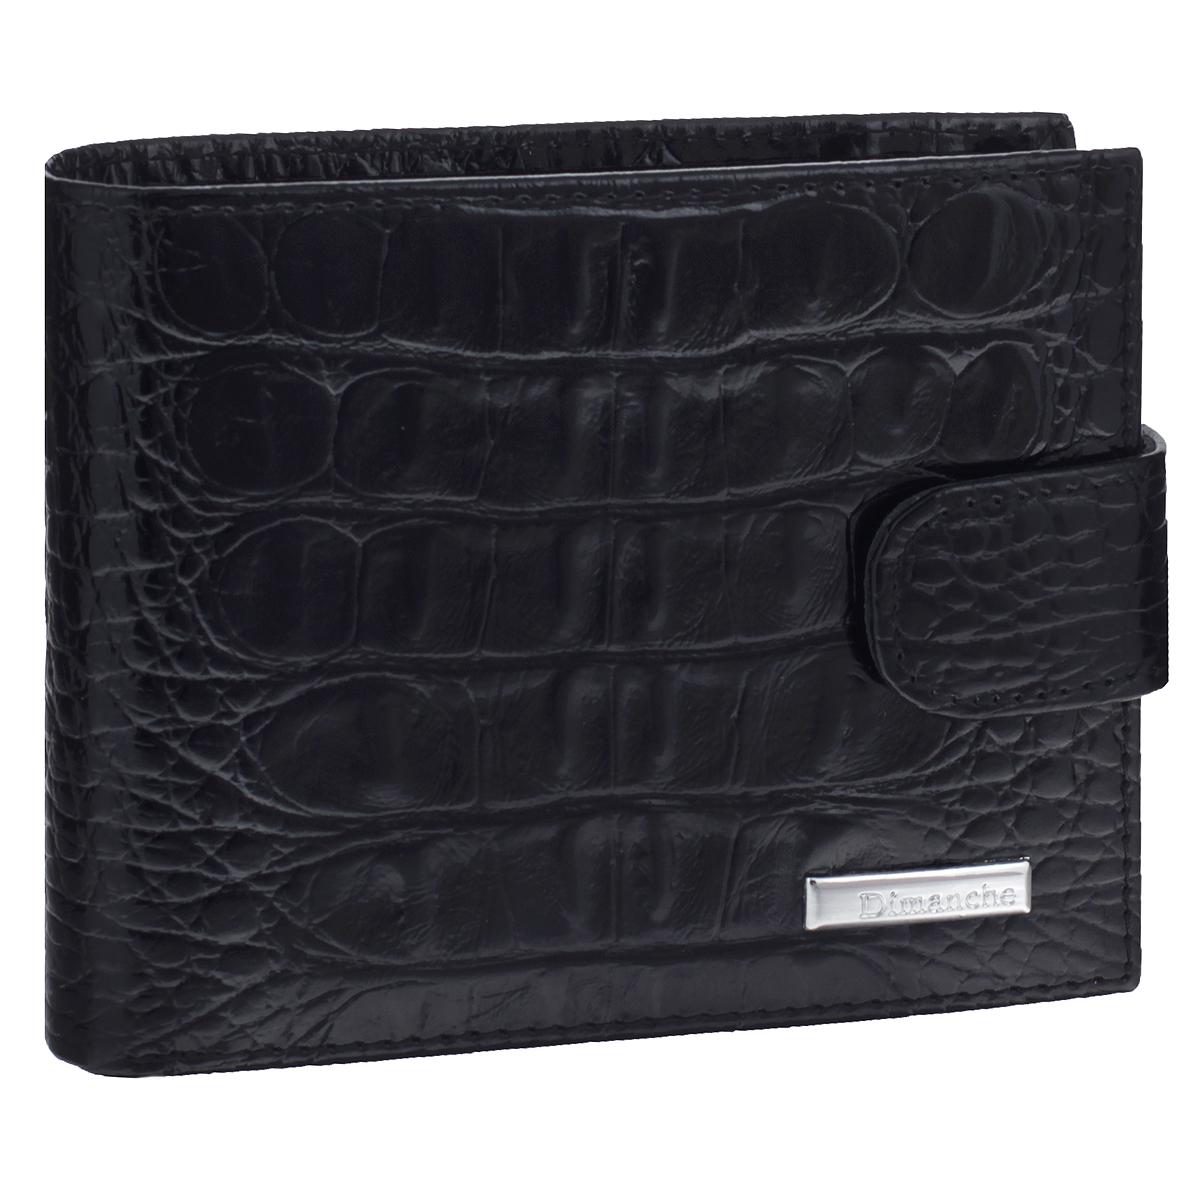 Портмоне мужское Dimanche Loricata, цвет: черный. 411411Портмоне Dimanche Loricata изготовлено из натуральной кожи черного цвета с декоративным тиснением под рептилию. Закрывается хлястиком на кнопку. Внутри содержится 2 отделения для купюр, дополнительный карман на молнии, 6 карманов для кредитных карт, 2 потайных кармашка для мелких бумаг и небольшой кармашек для мелочи с клапаном на кнопке. Внутри портмоне отделано атласным полиэстером черного цвета с узором. Фурнитура - серебристого цвета. Стильное портмоне отлично дополнит ваш образ и станет незаменимым аксессуаром на каждый день. Упаковано в фирменную картонную коробку коричневого цвета.